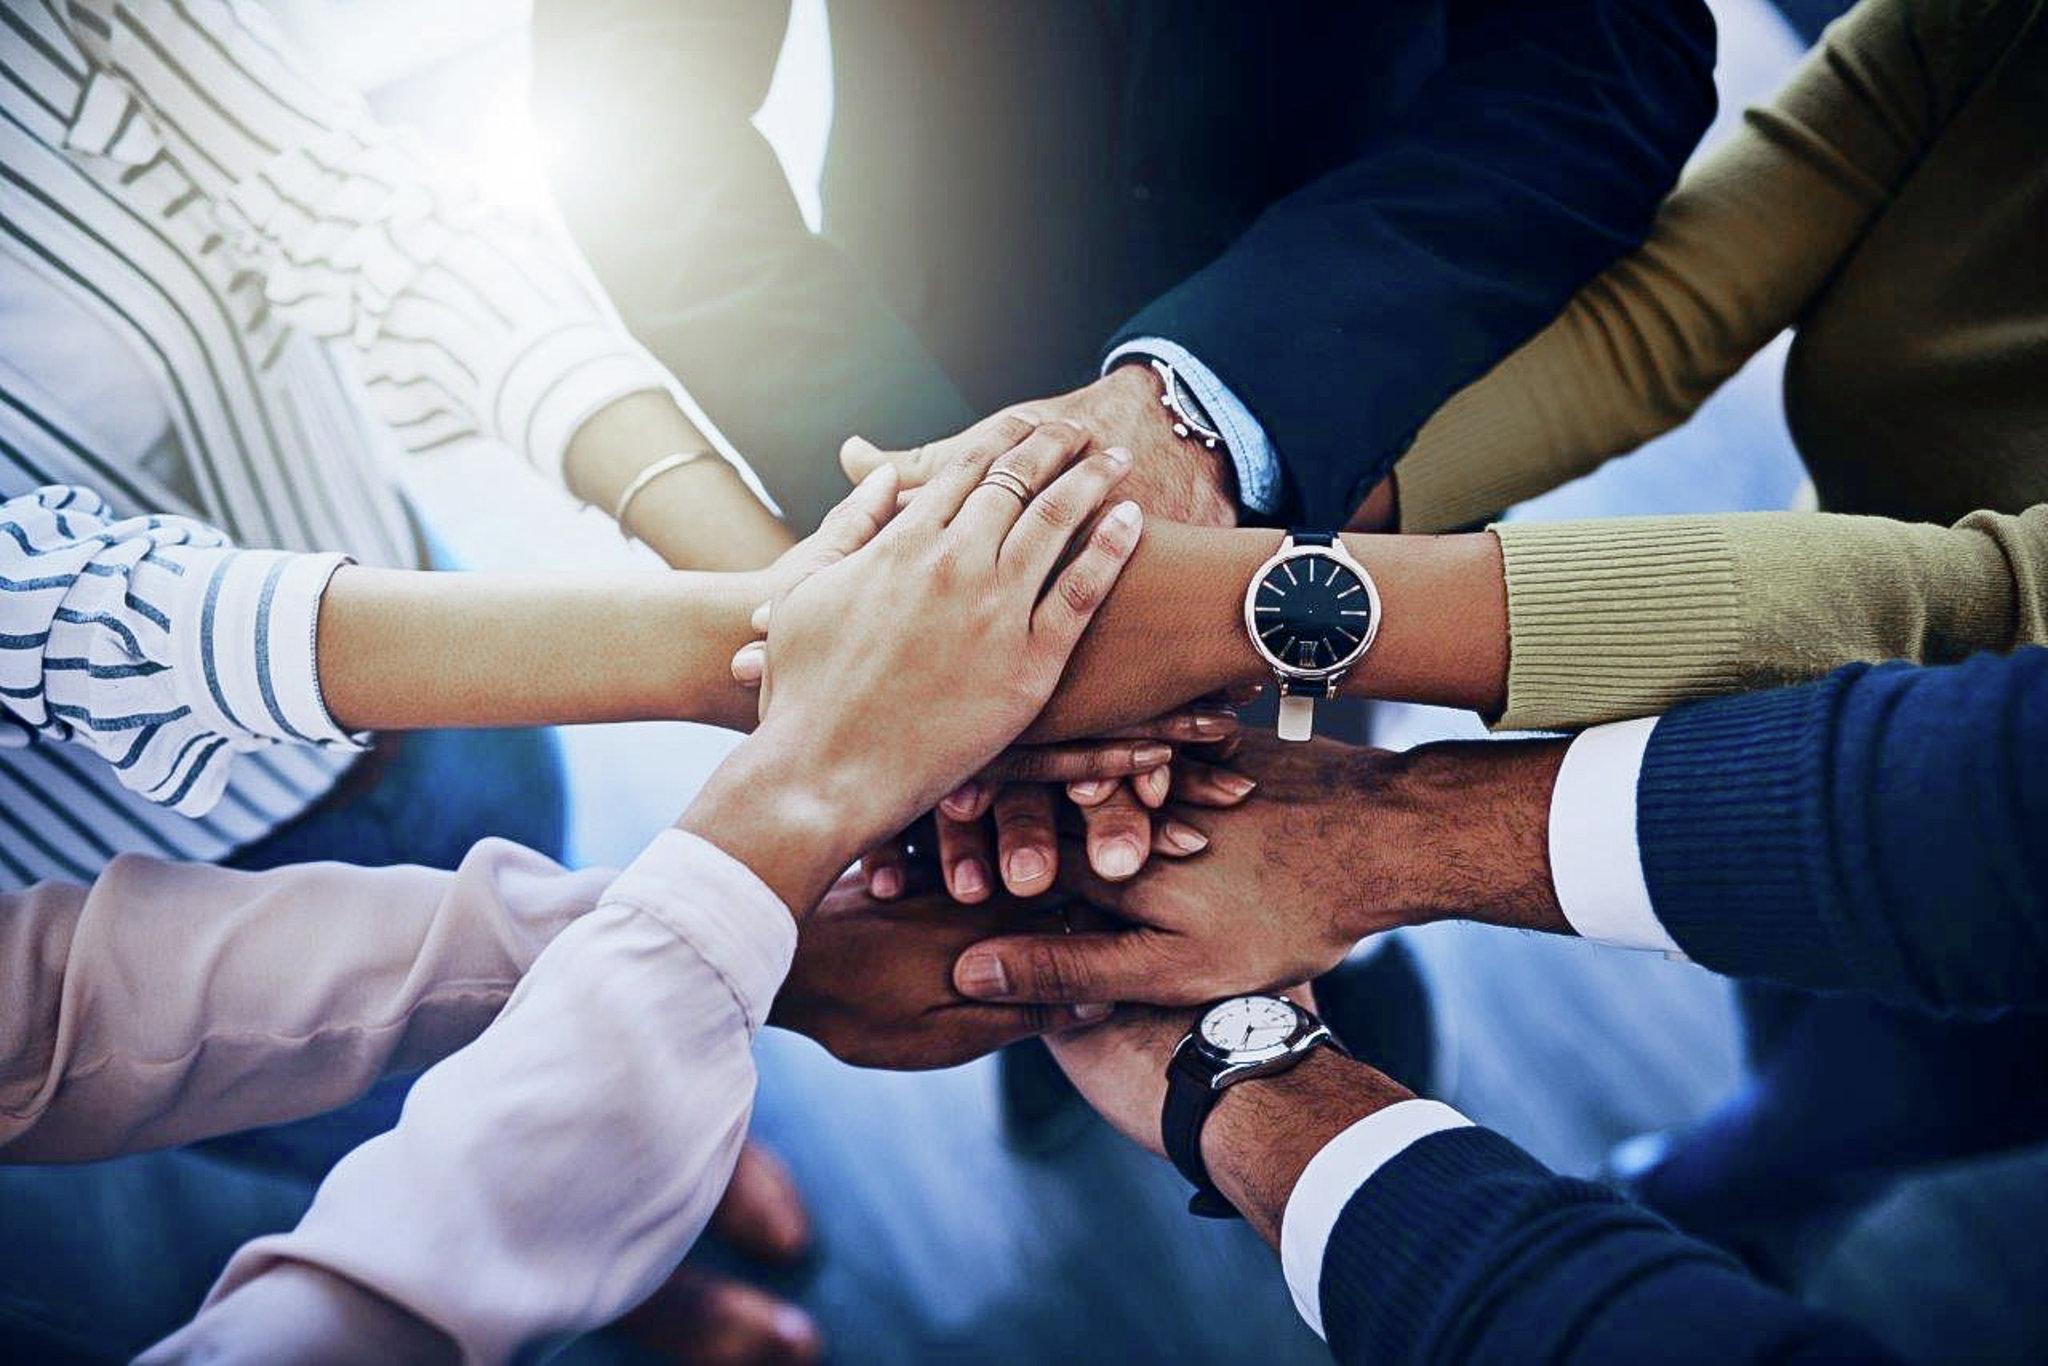 Sechs Personen legen ihre Hände übereinander